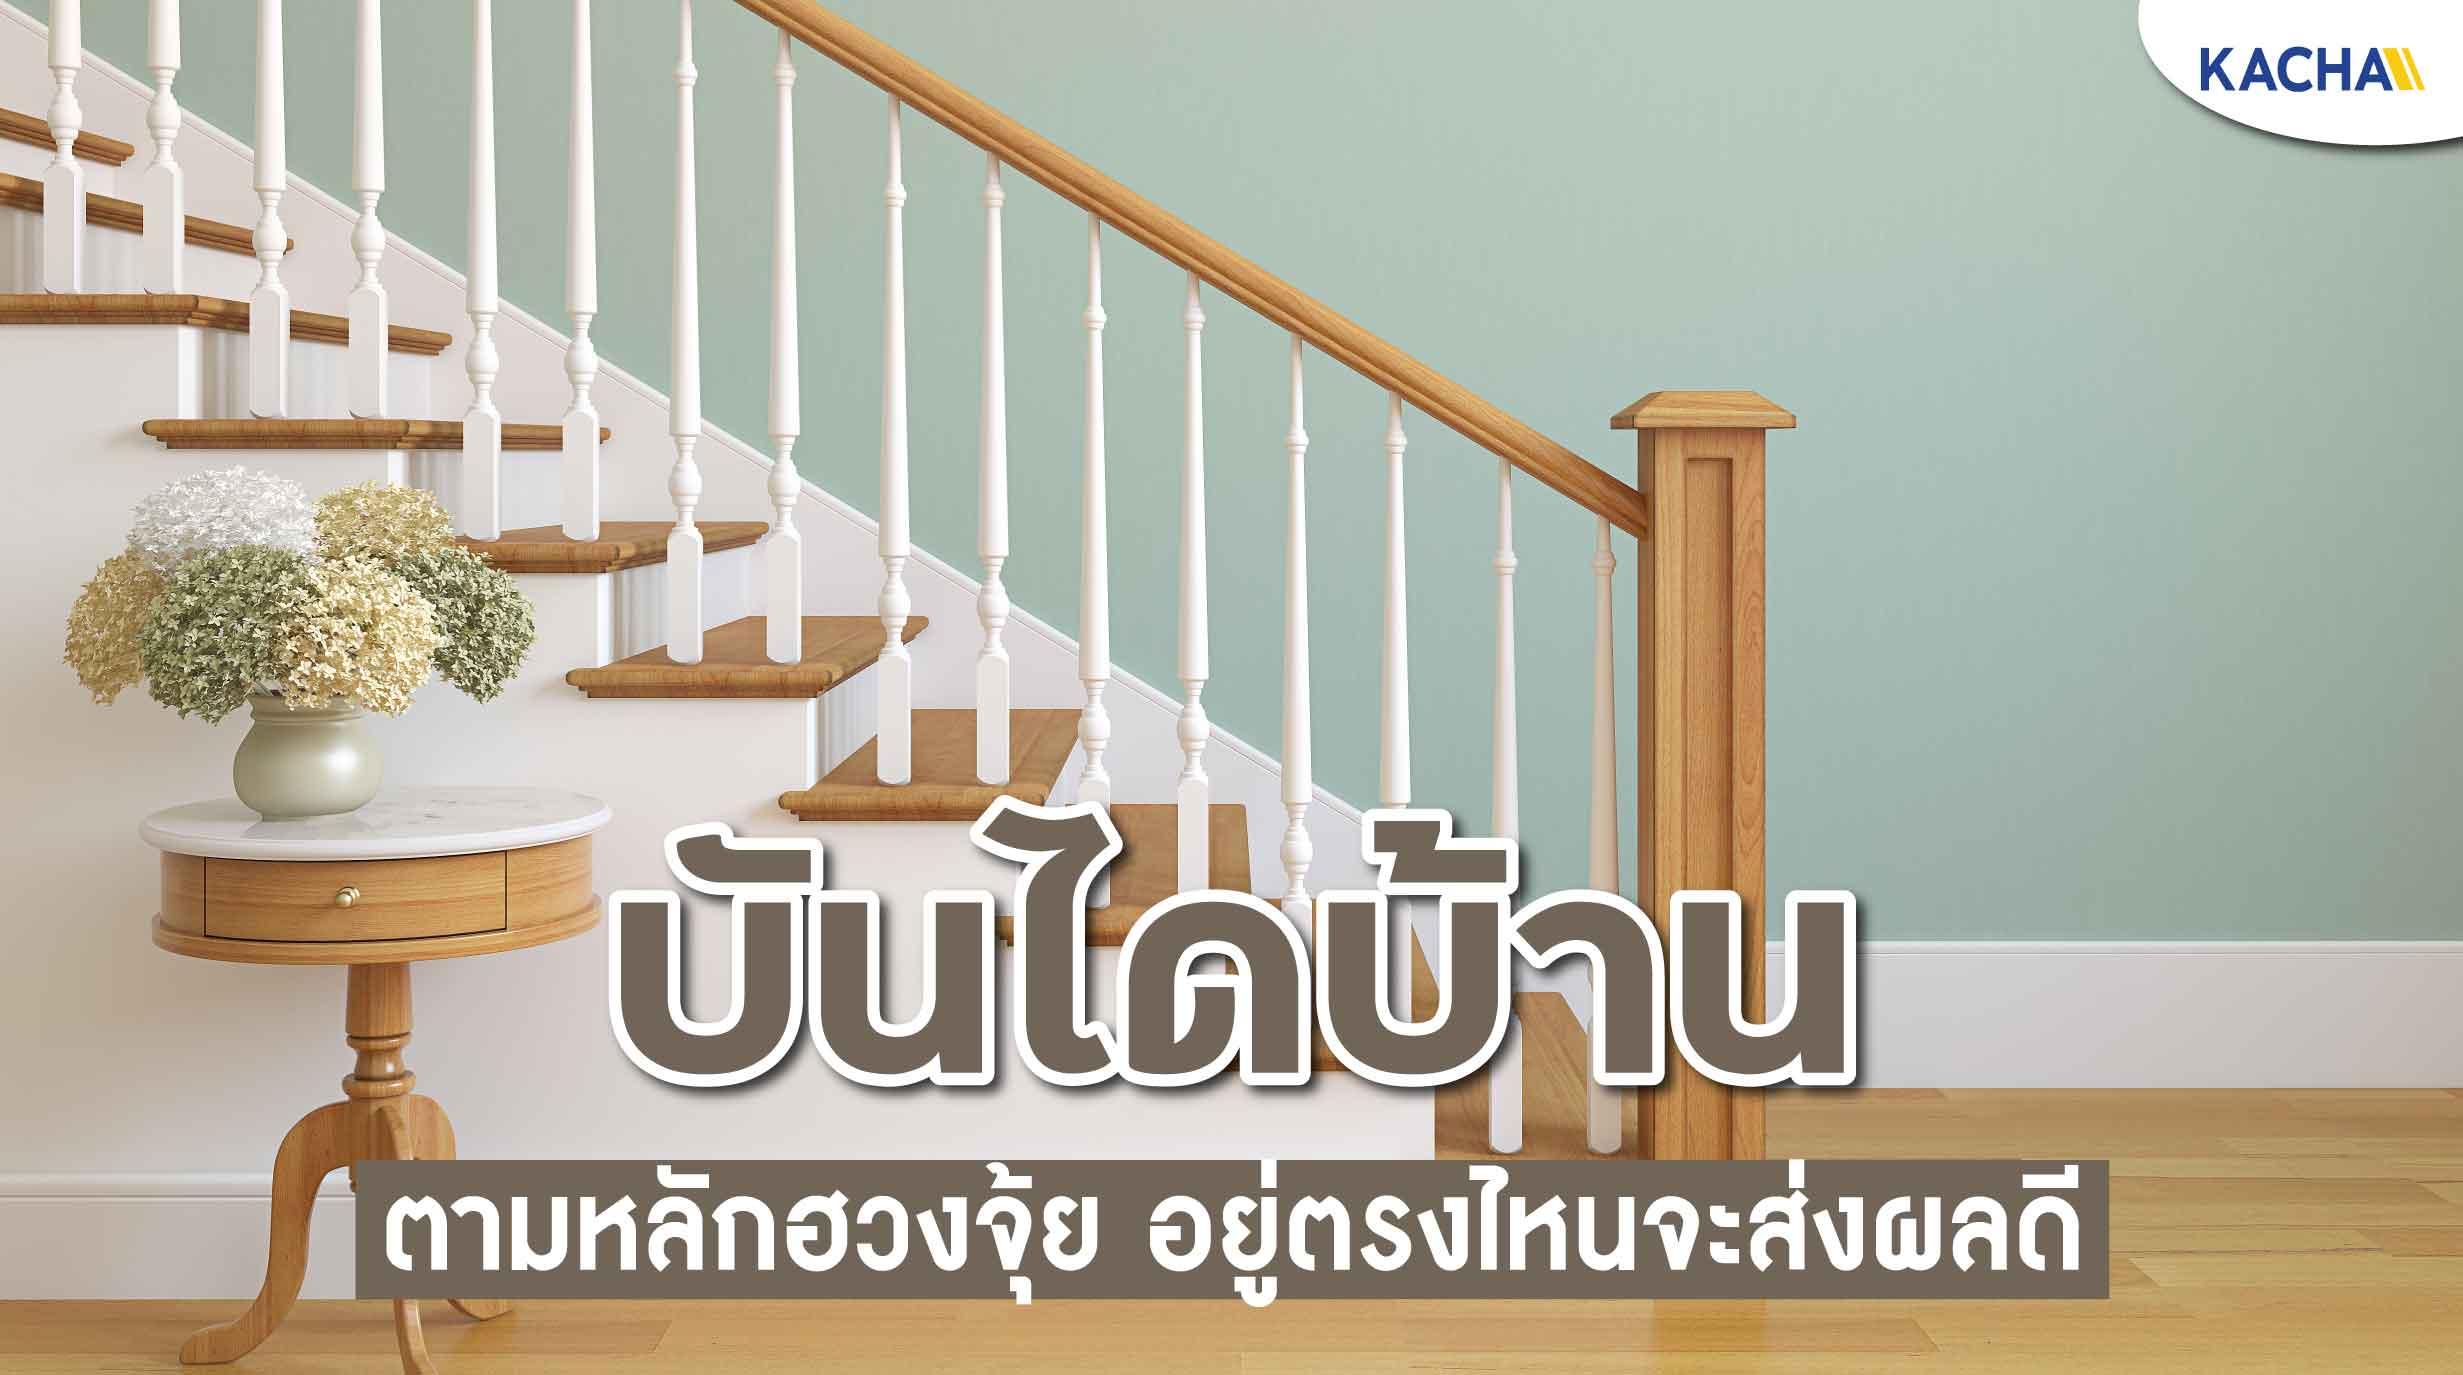 211020-Content-บันไดบ้าน-ตามหลักฮวงจุ้ย-ควรอยู่ตรงไหน-ถึงจะส่งผลดีกับคนในบ้าน01